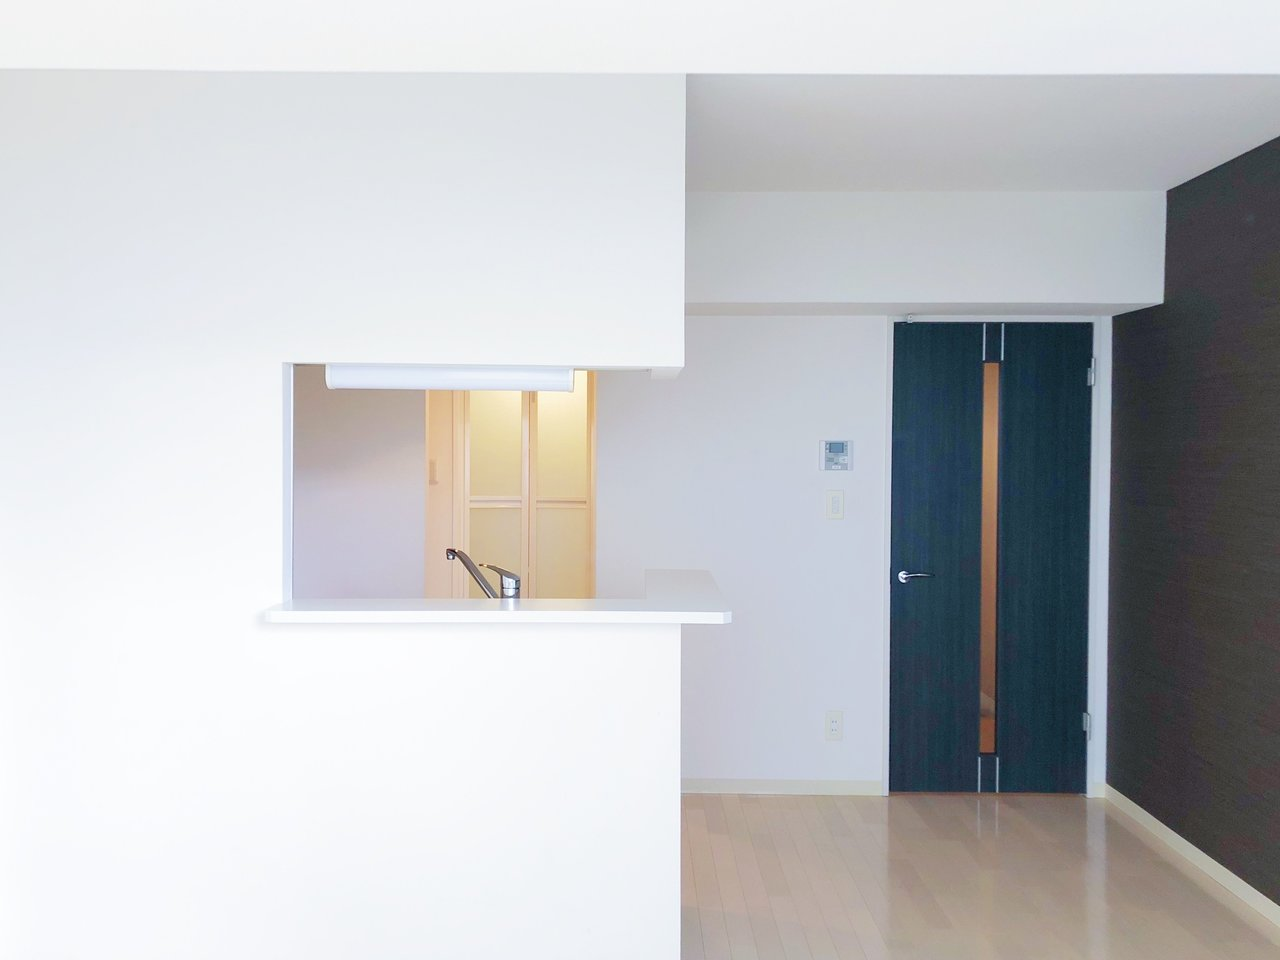 リビングには、対面式のキッチンが。コンロは持ち込みになりますが、シンクも広く使いやすそうなキッチンですよ。